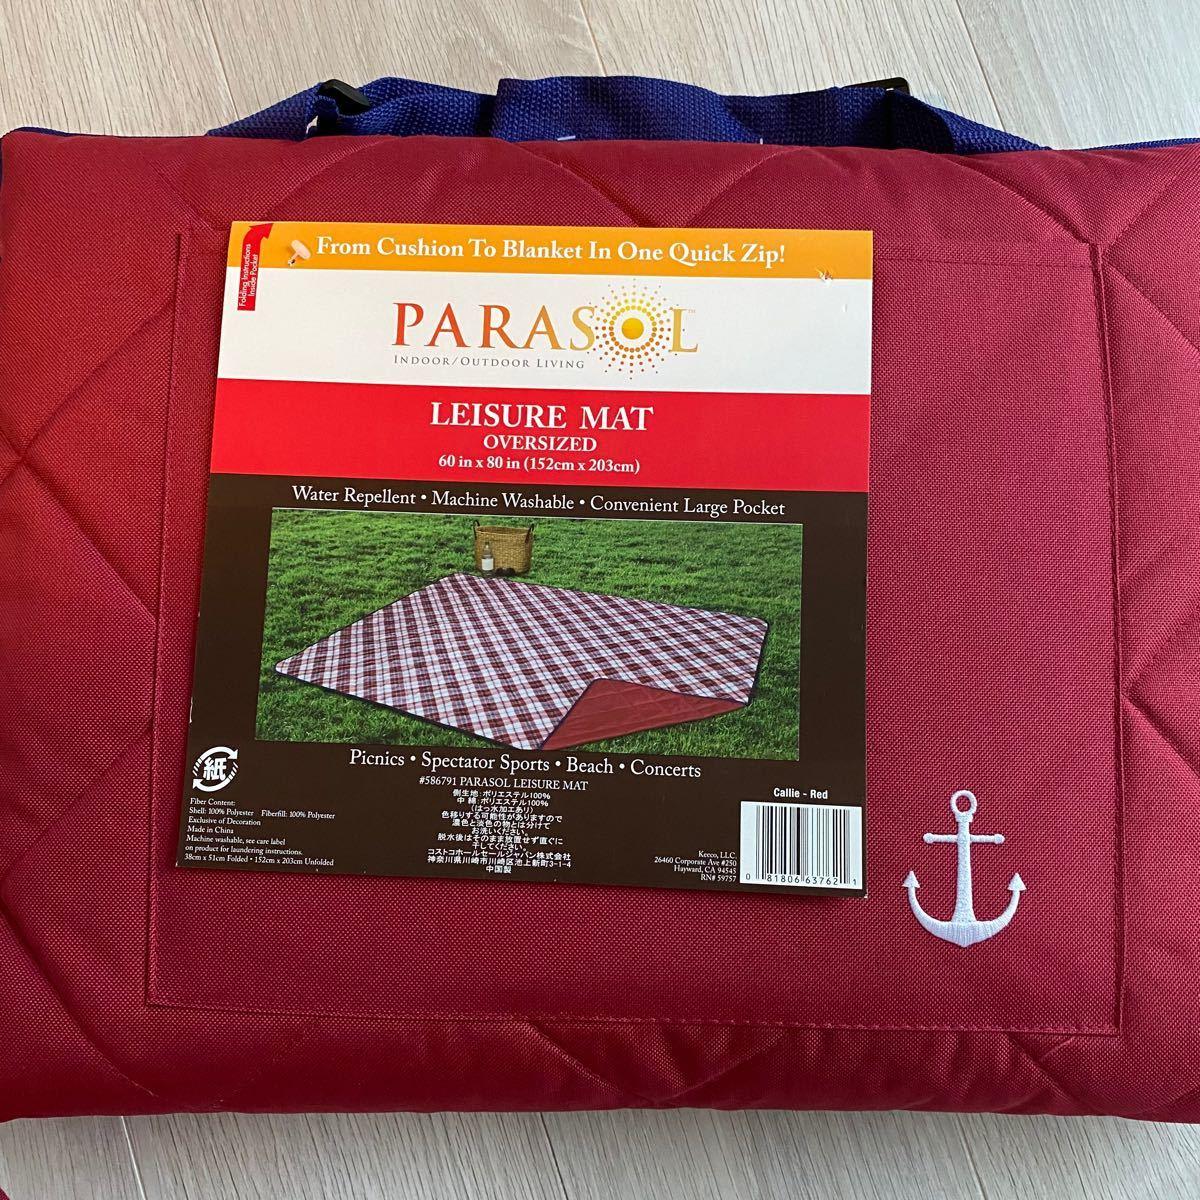 コストコ Parasol レジャーマット レジャーシート 洗える アウトドア